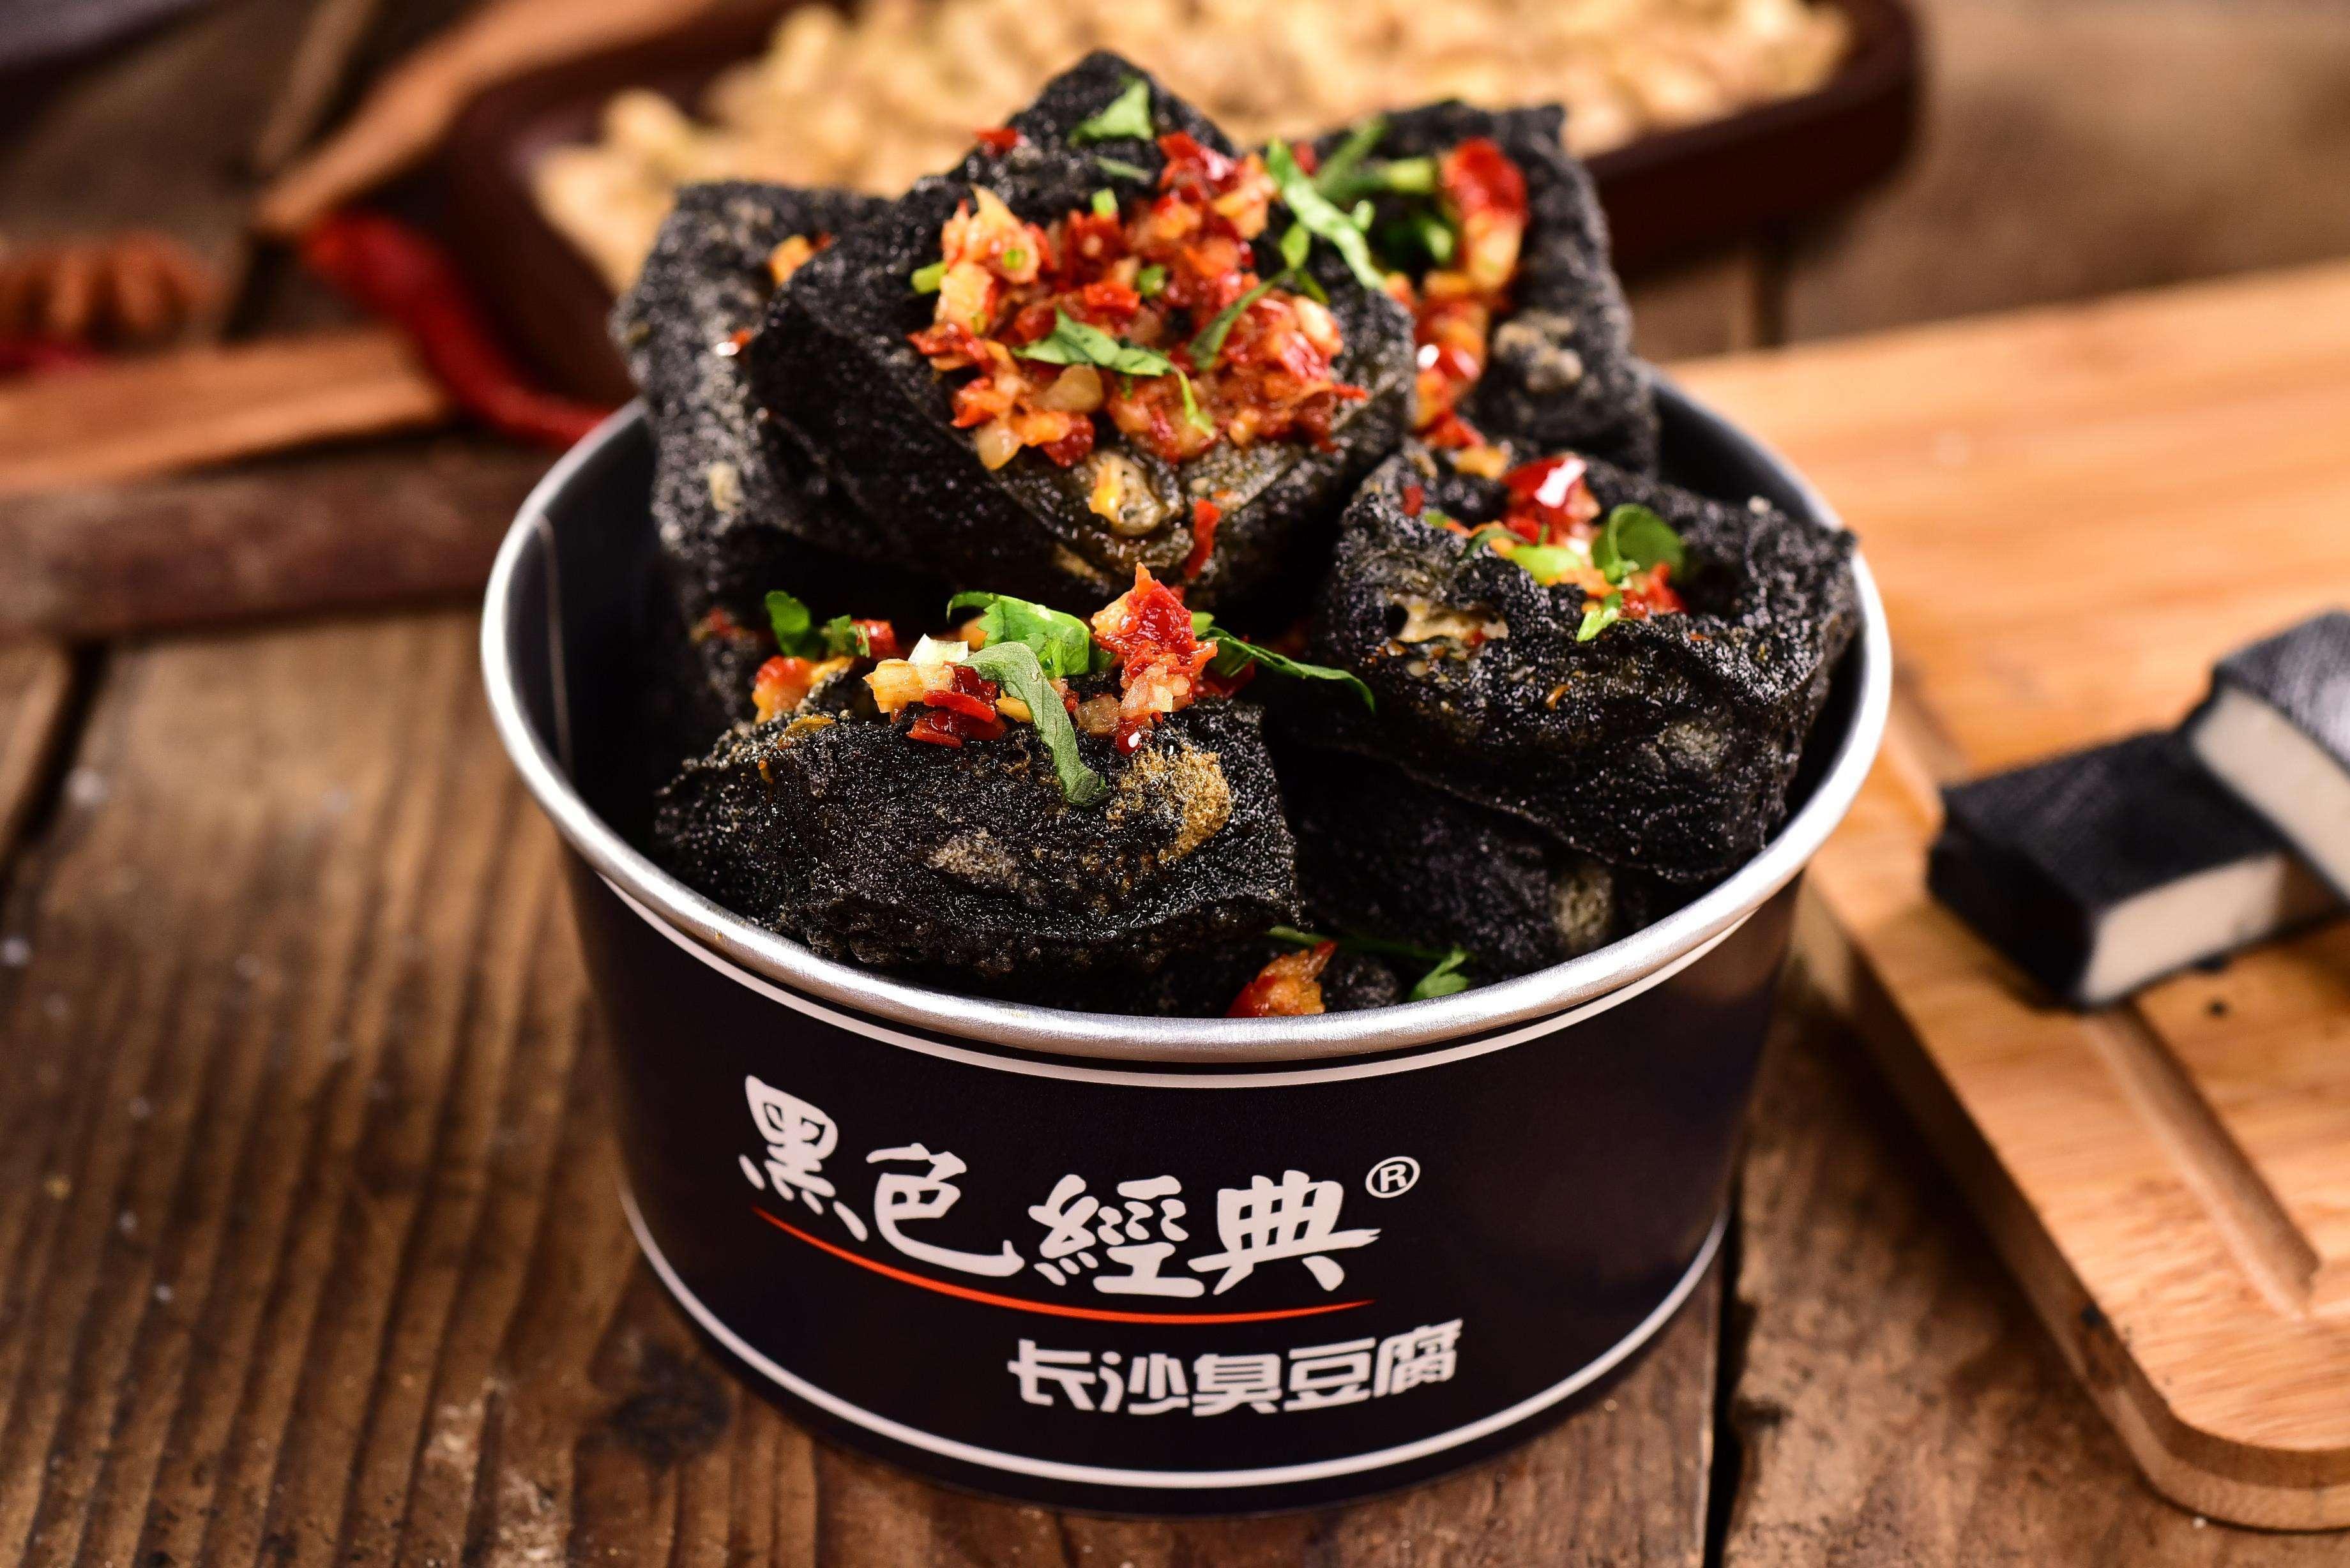 黑色经典臭豆腐,让你享受正宗长沙味1